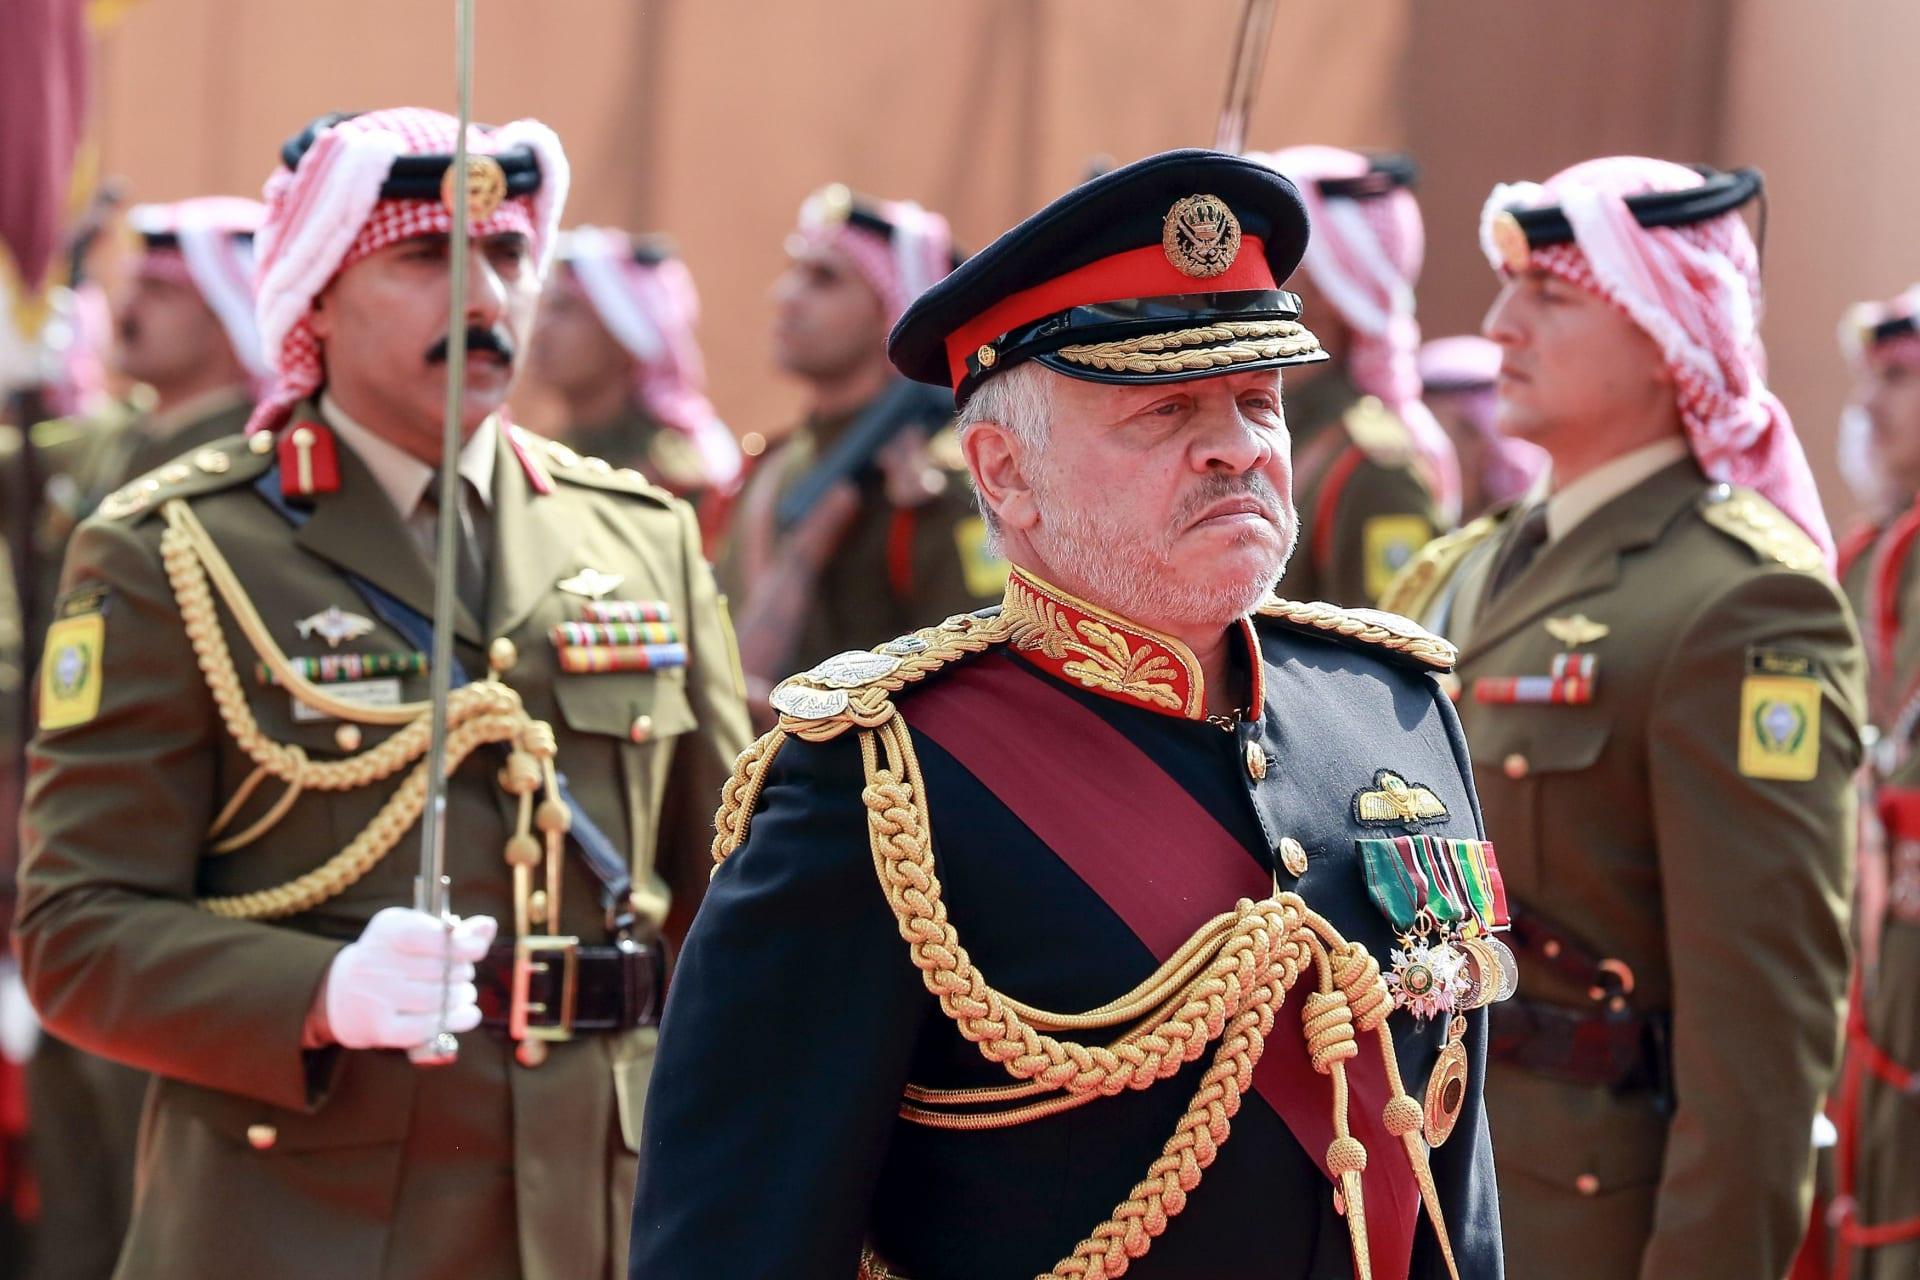 """ملك الأردن يعلن استعادة """"السيادة الكاملة"""" على الباقورة والغمر من إسرائيل.. ودخولهما بتأشيرة"""